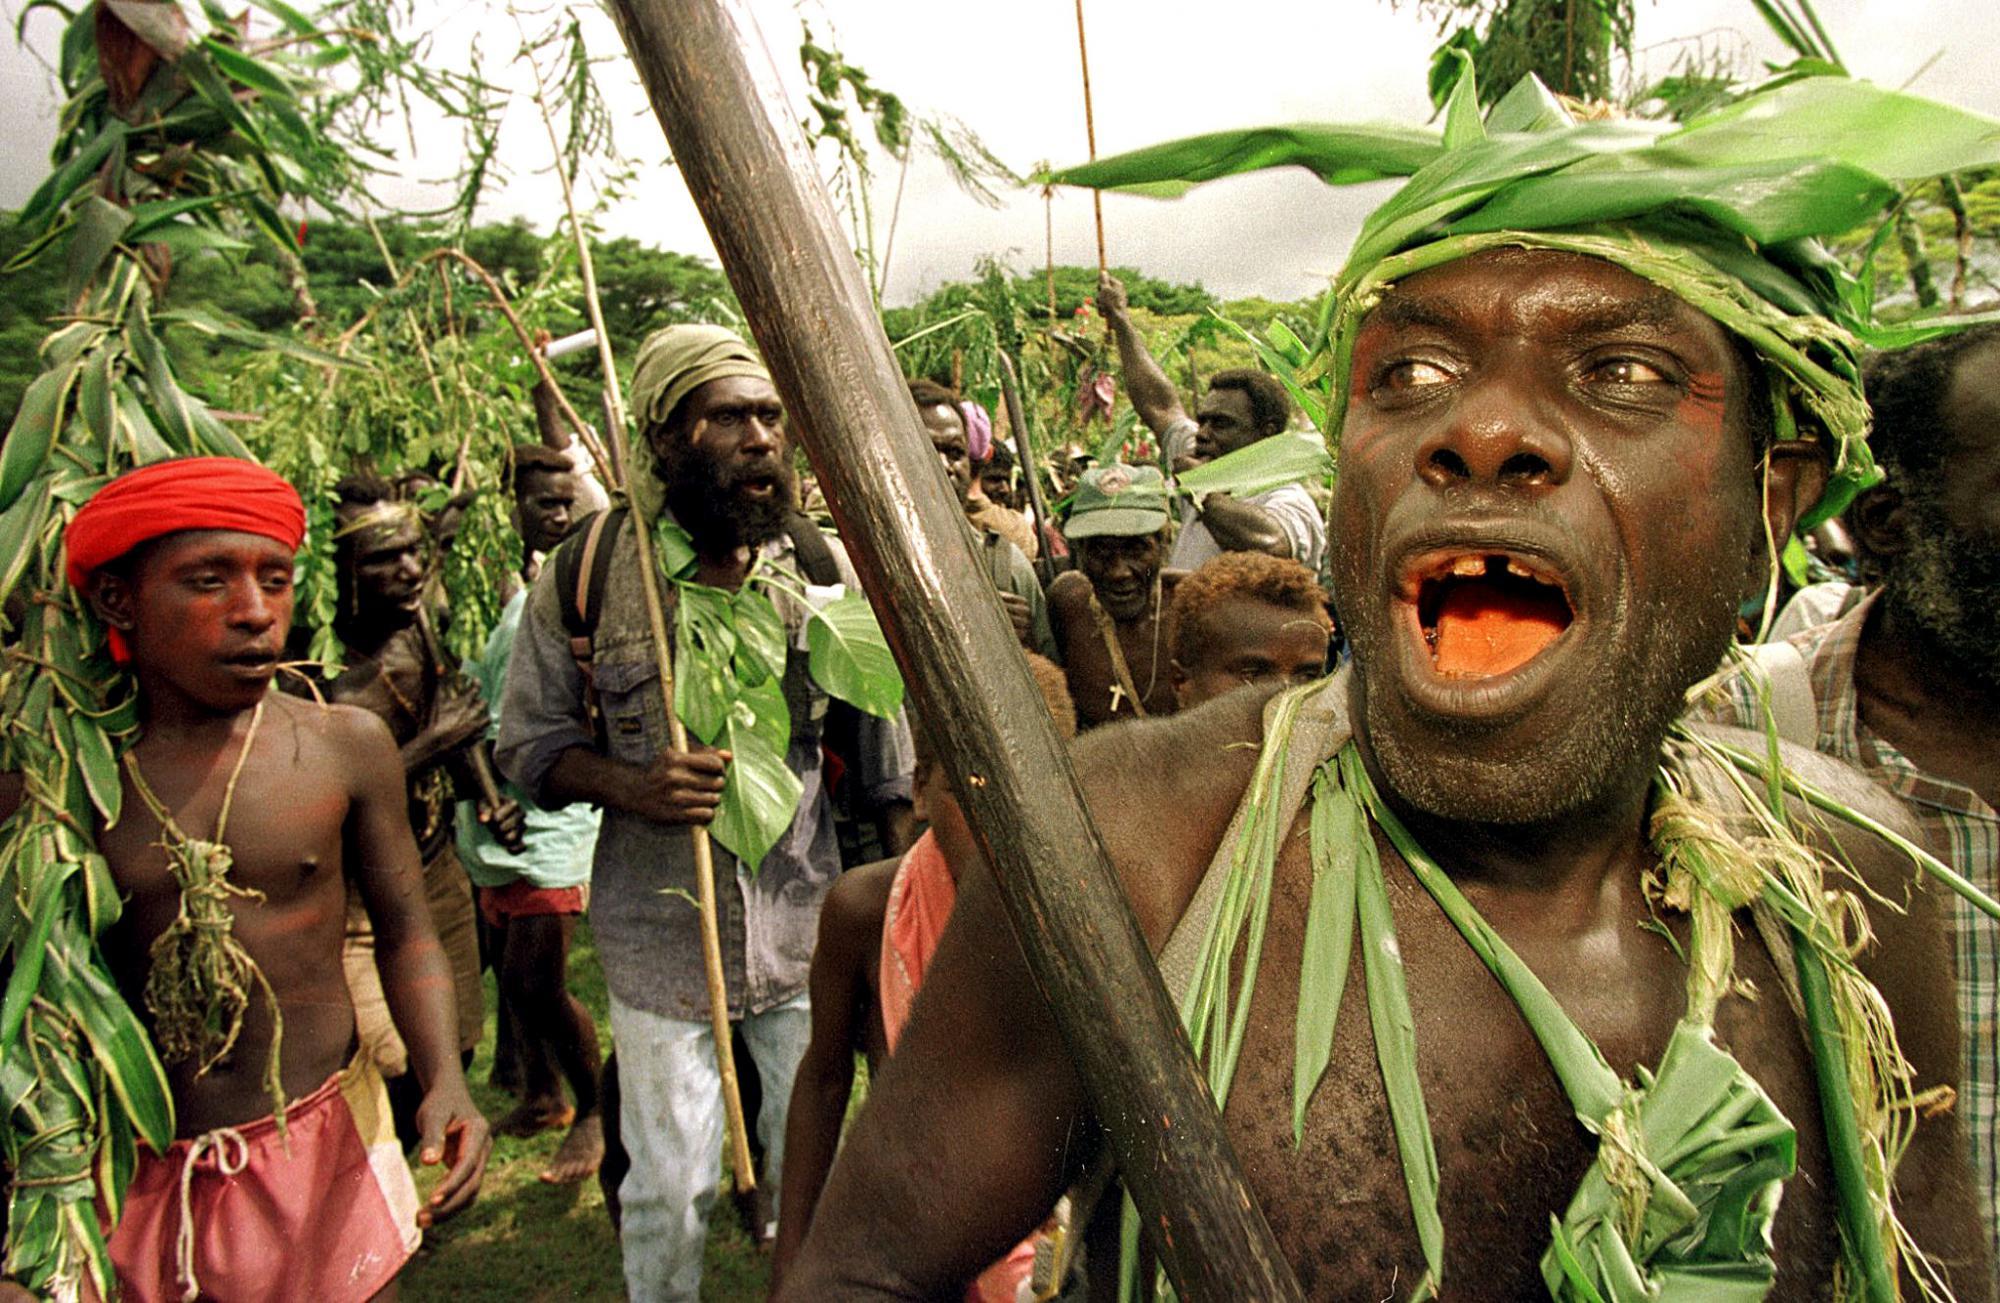 Морские рассказы - о Карибских бибизянах (околопятничное) (fuse)